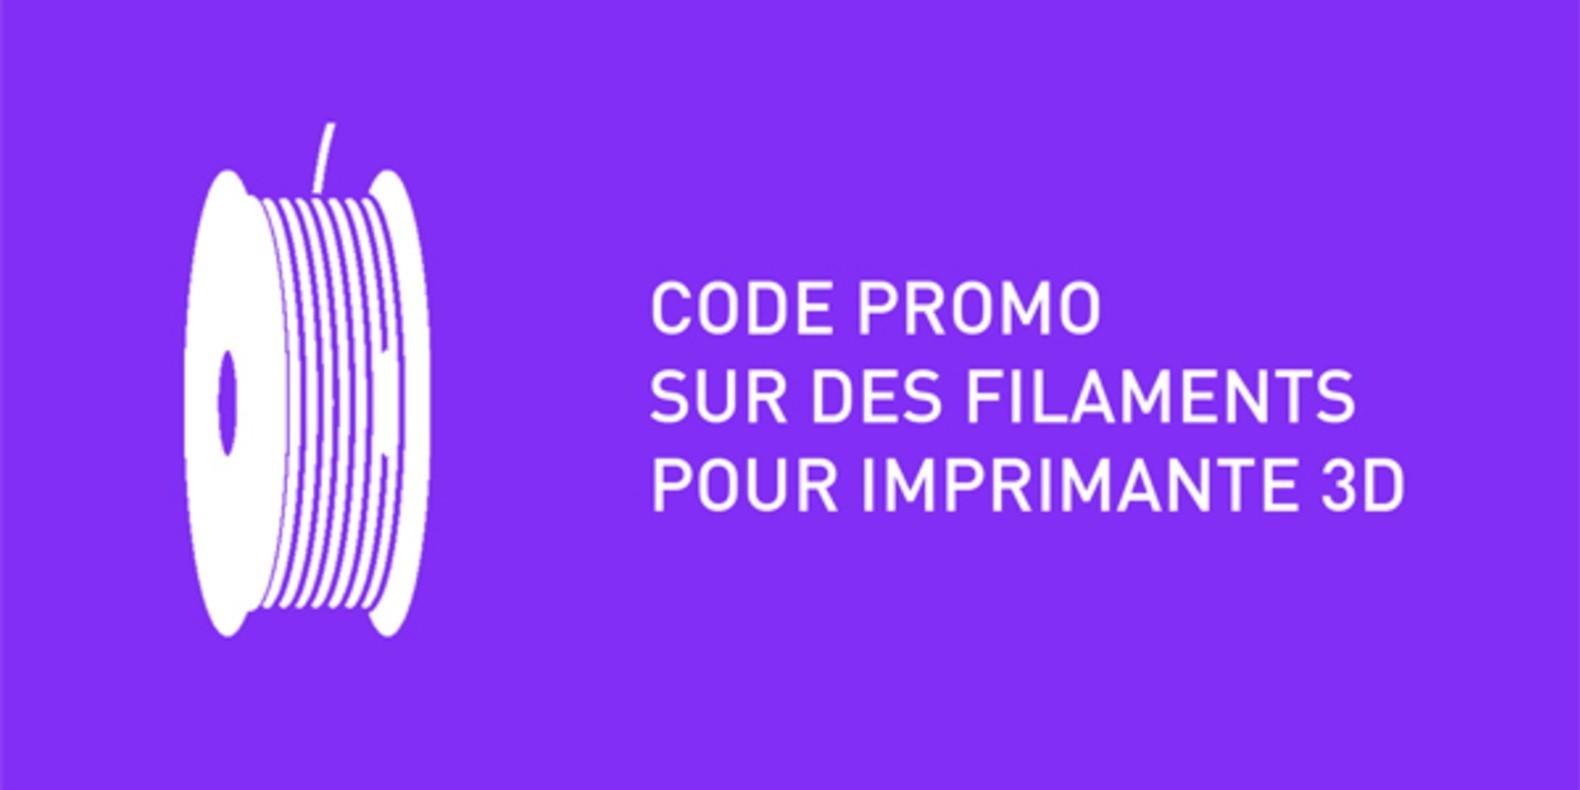 http://fichier3d.fr/wp-content/uploads/2016/02/code-promo-réduction-voucher-code-réduction-filaments-impression-3D-cults.jpg